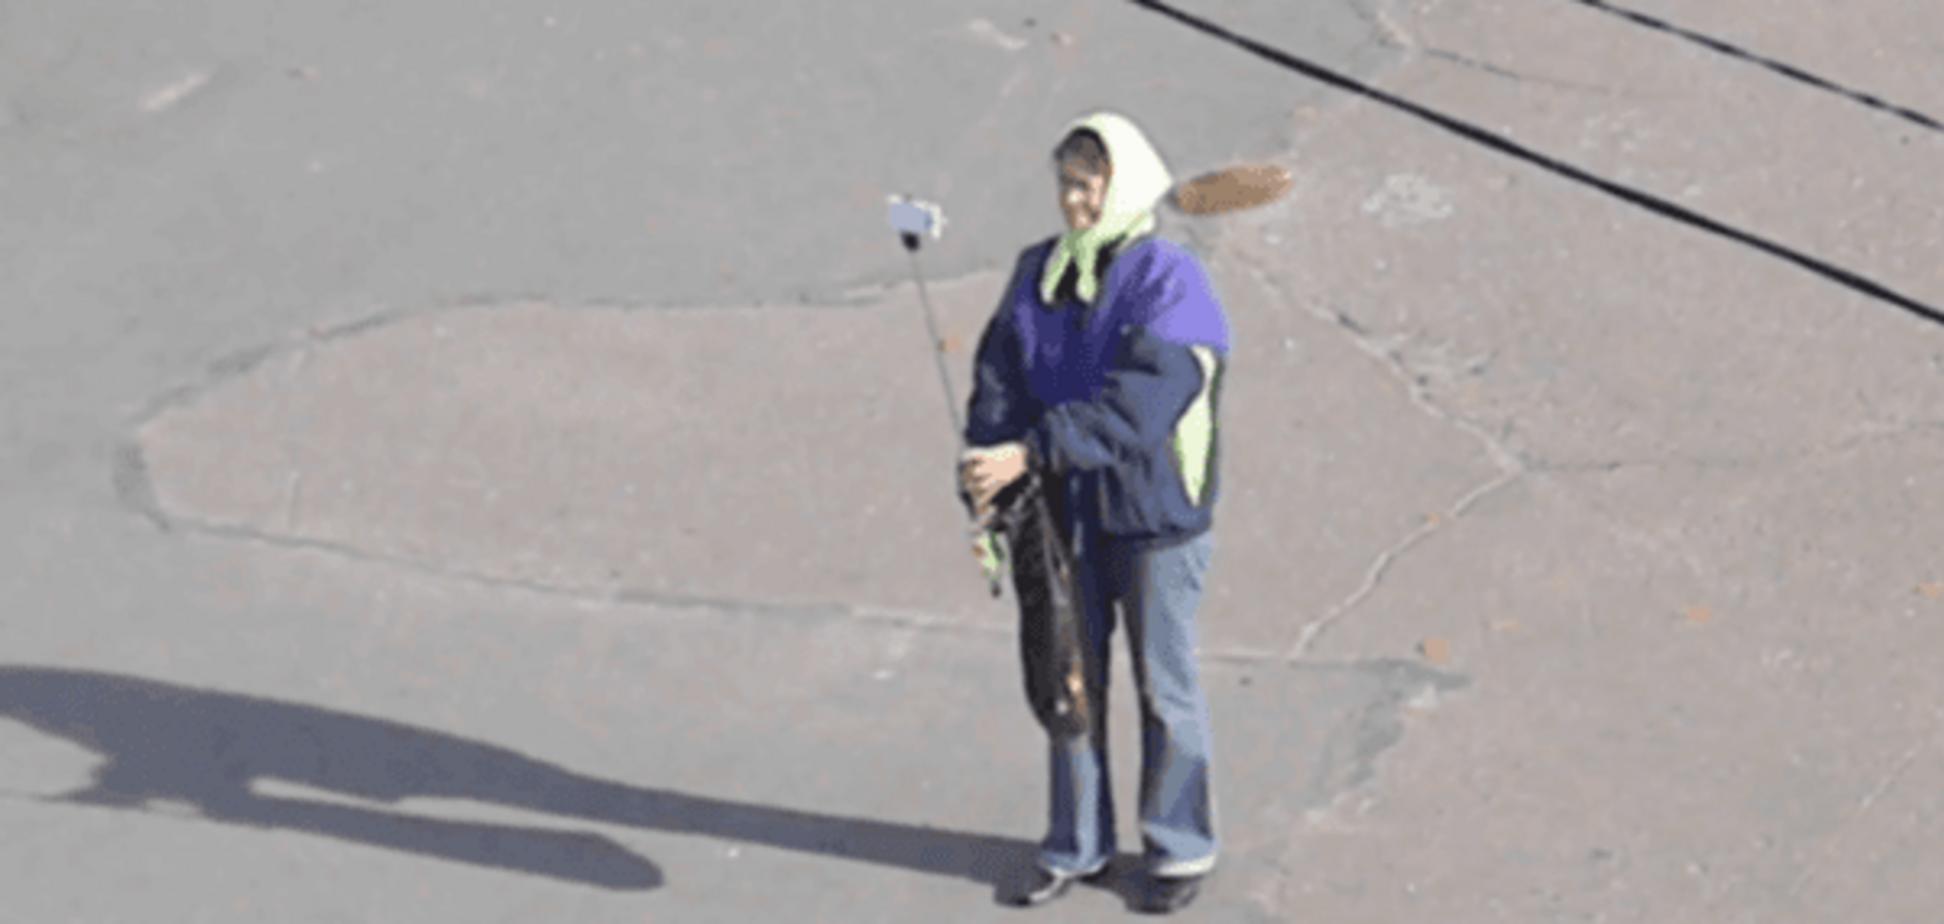 Відео черкаської пенсіонерки з селфі-палицею 'підірвало' мережу